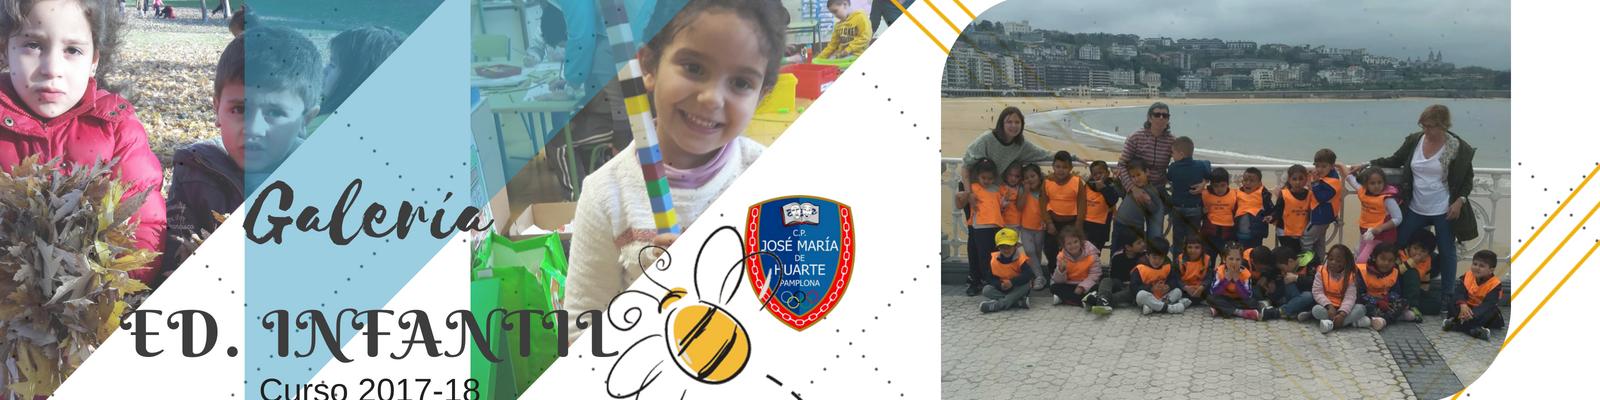 Educación Infantil: Visita nuestra galería fotográfica